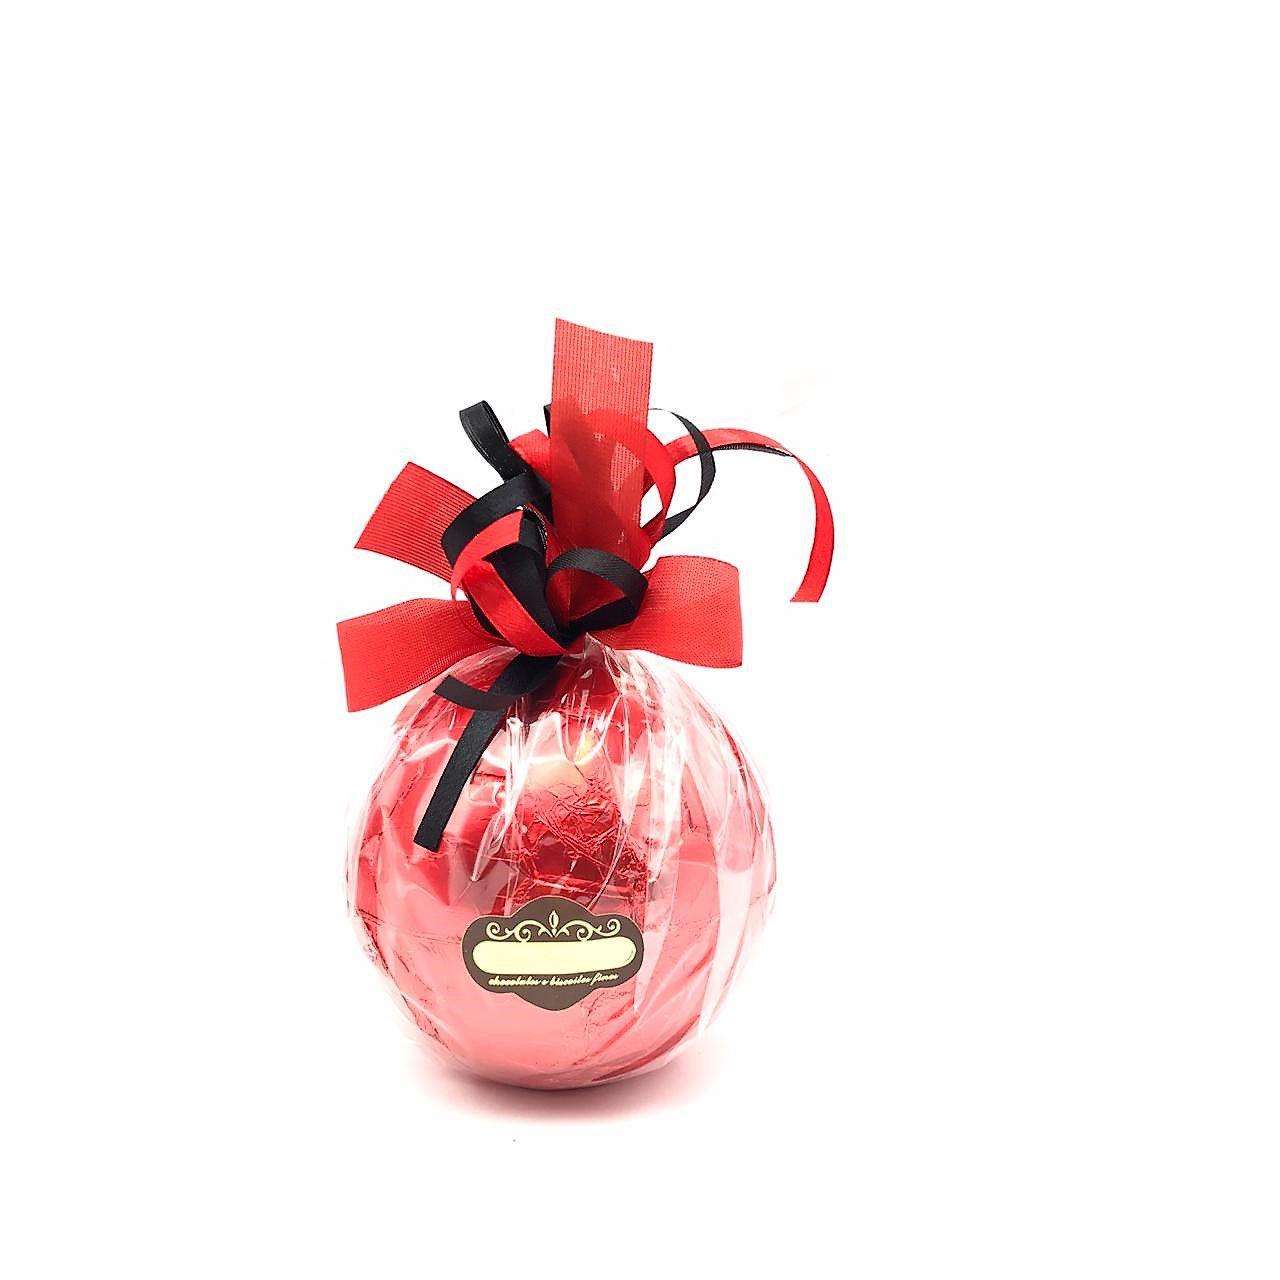 Bola de futebol de Chocolate ao Leite Grande vermelho